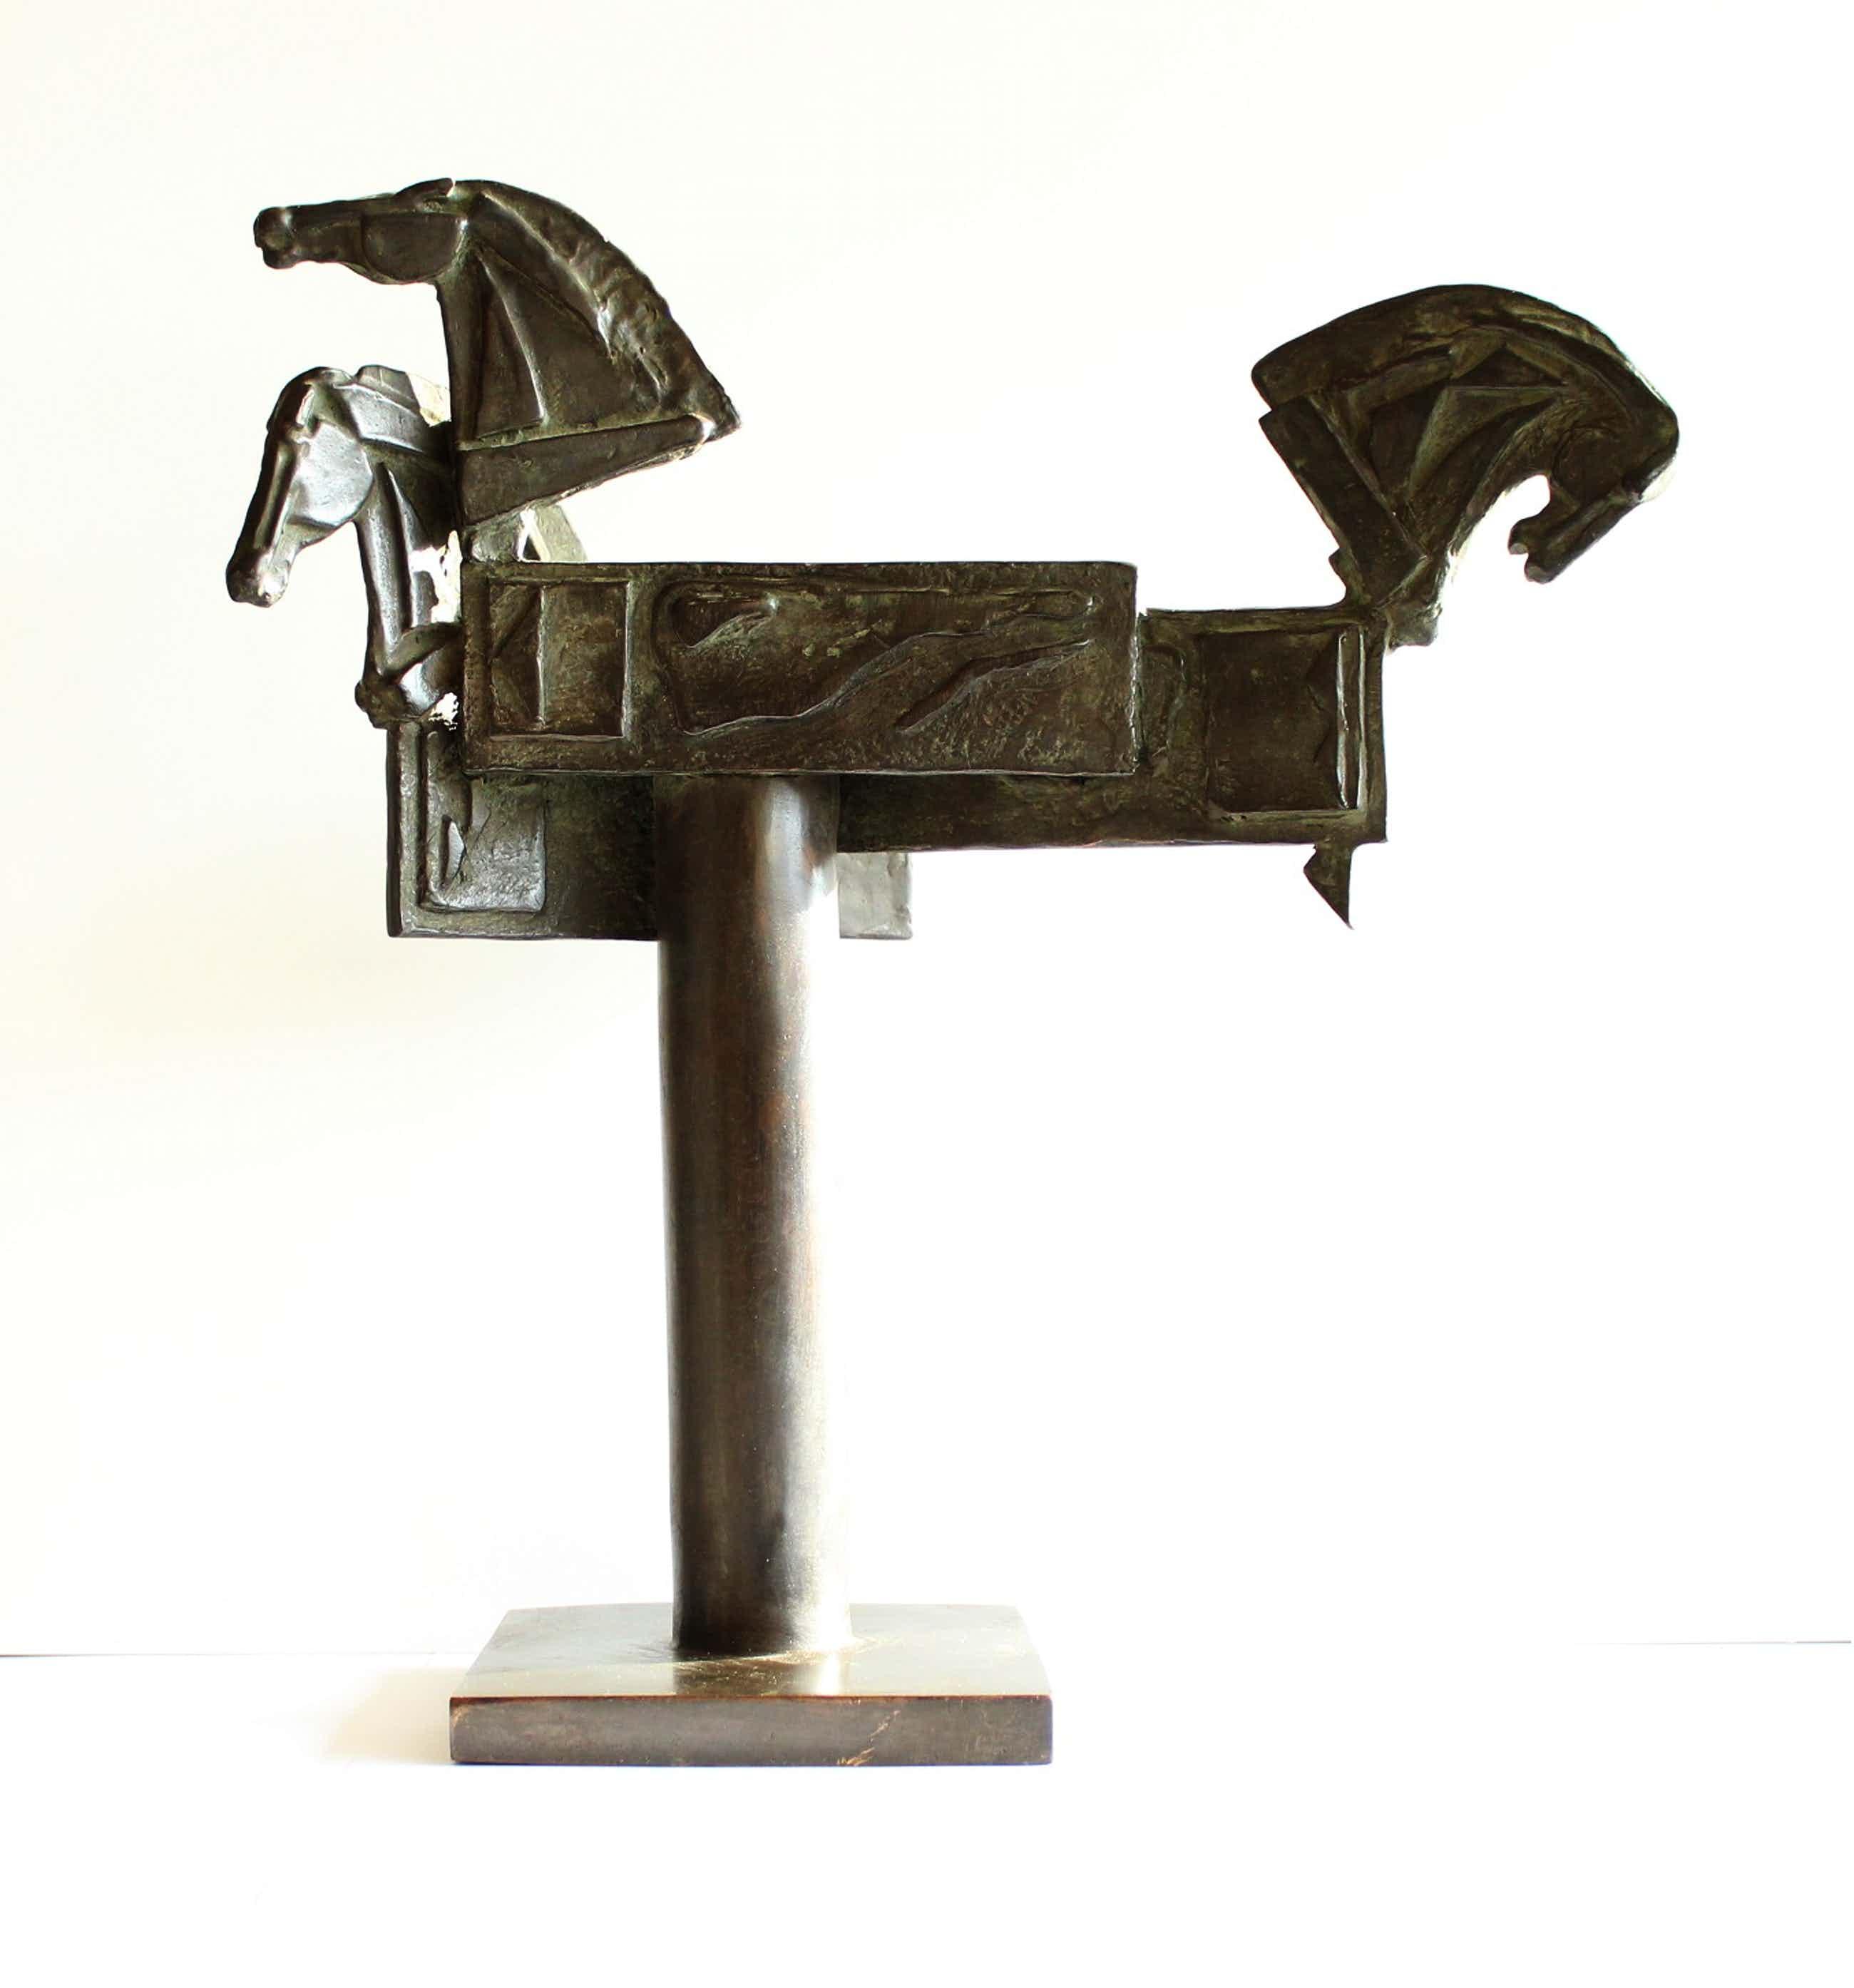 Eric Claus - Bronzen beeld Rabobank: Kijken, Denken, Doen kopen? Bied vanaf 750!